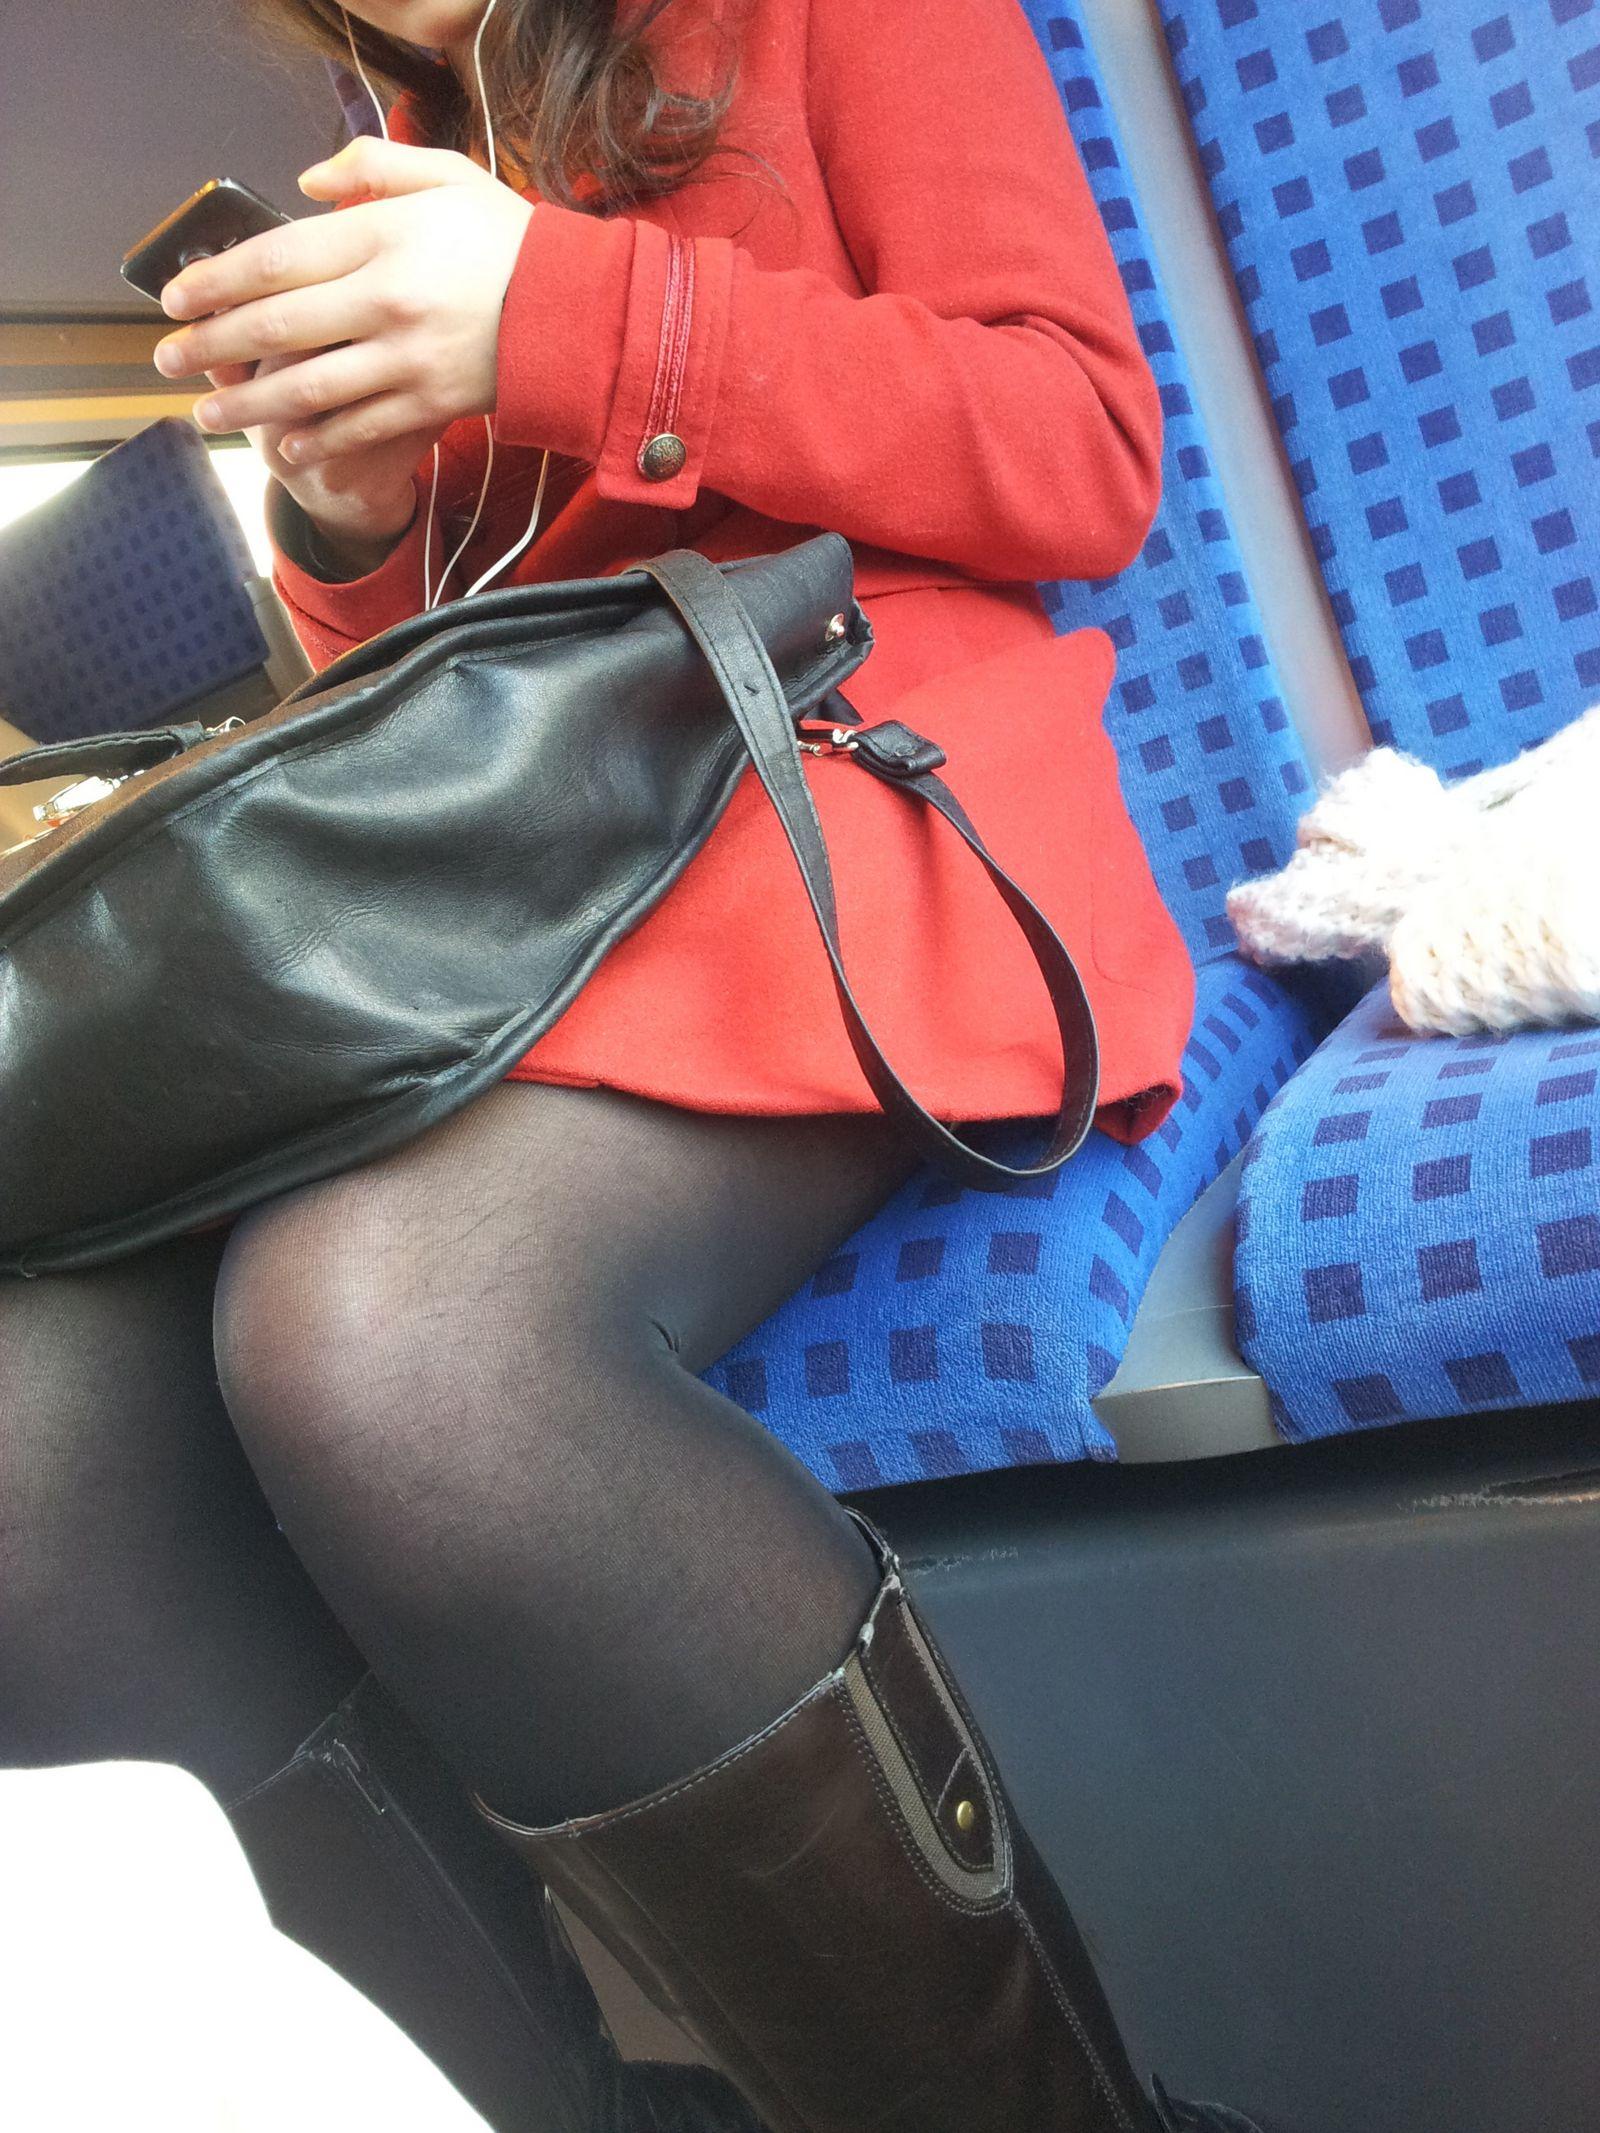 Смотреть Лохматые ножки иранки онлайн